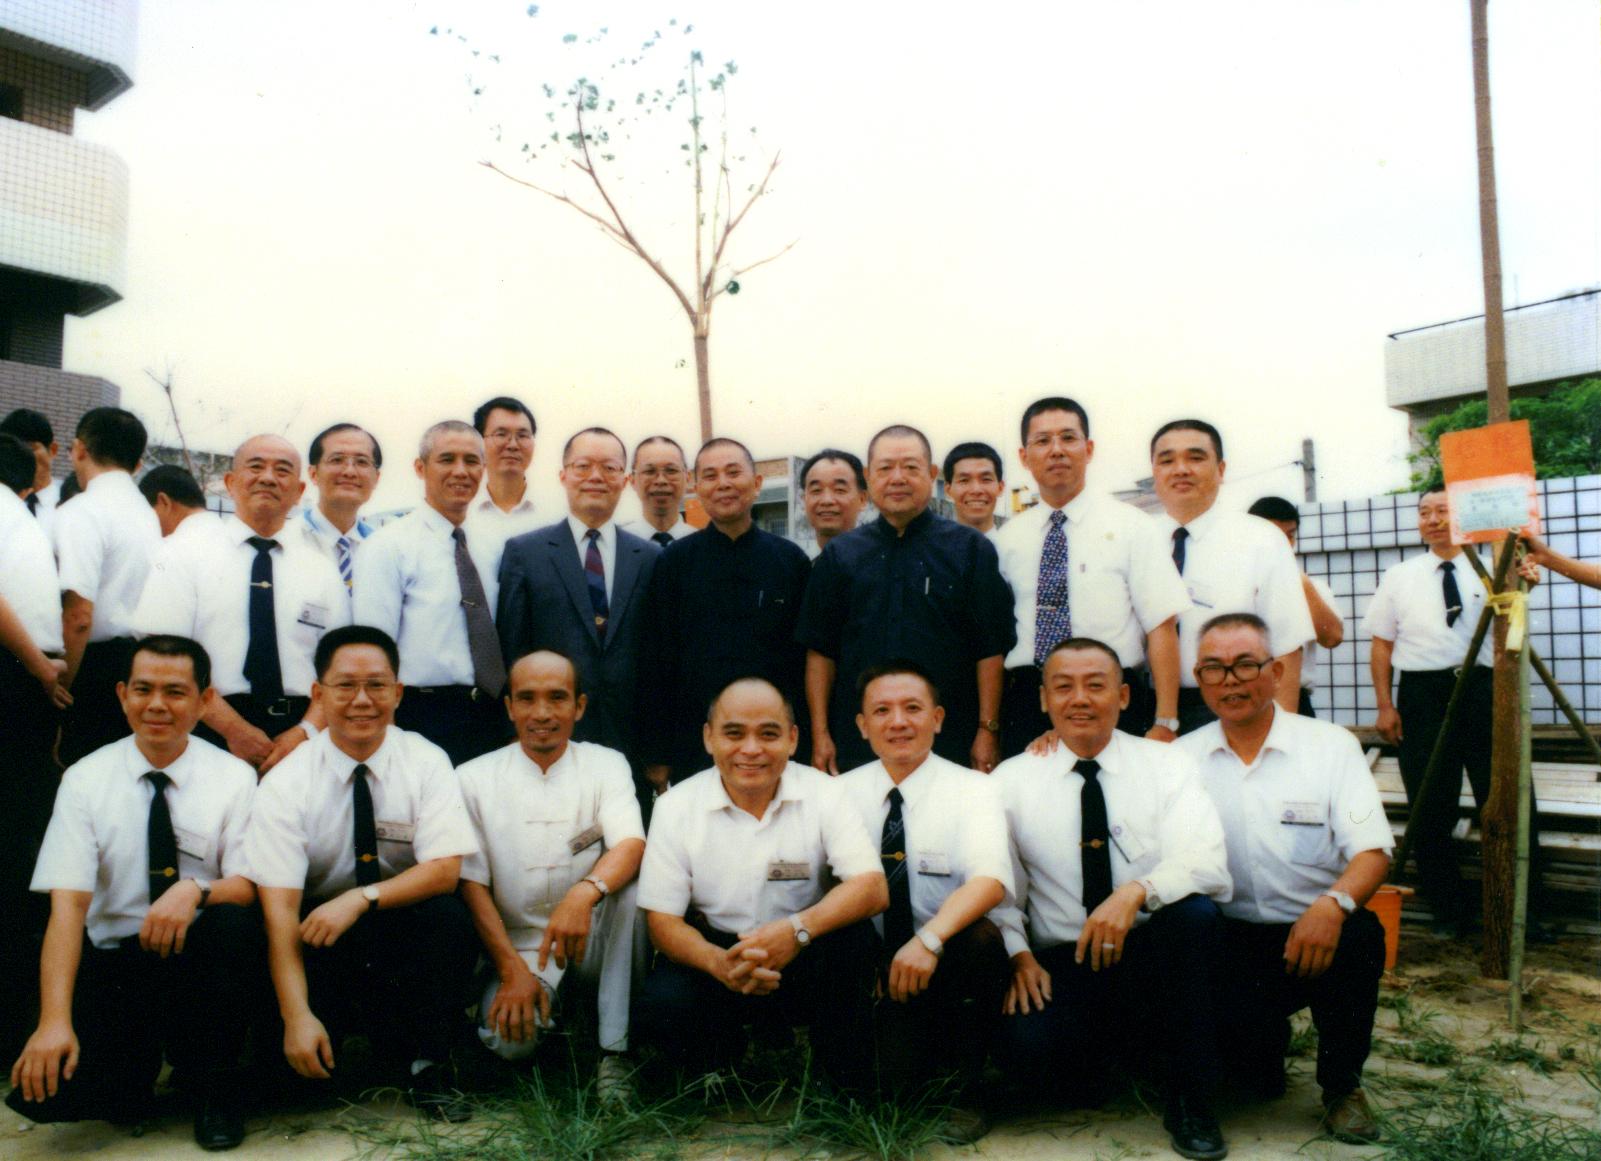 楊前人及點傳師、講師植樹合影